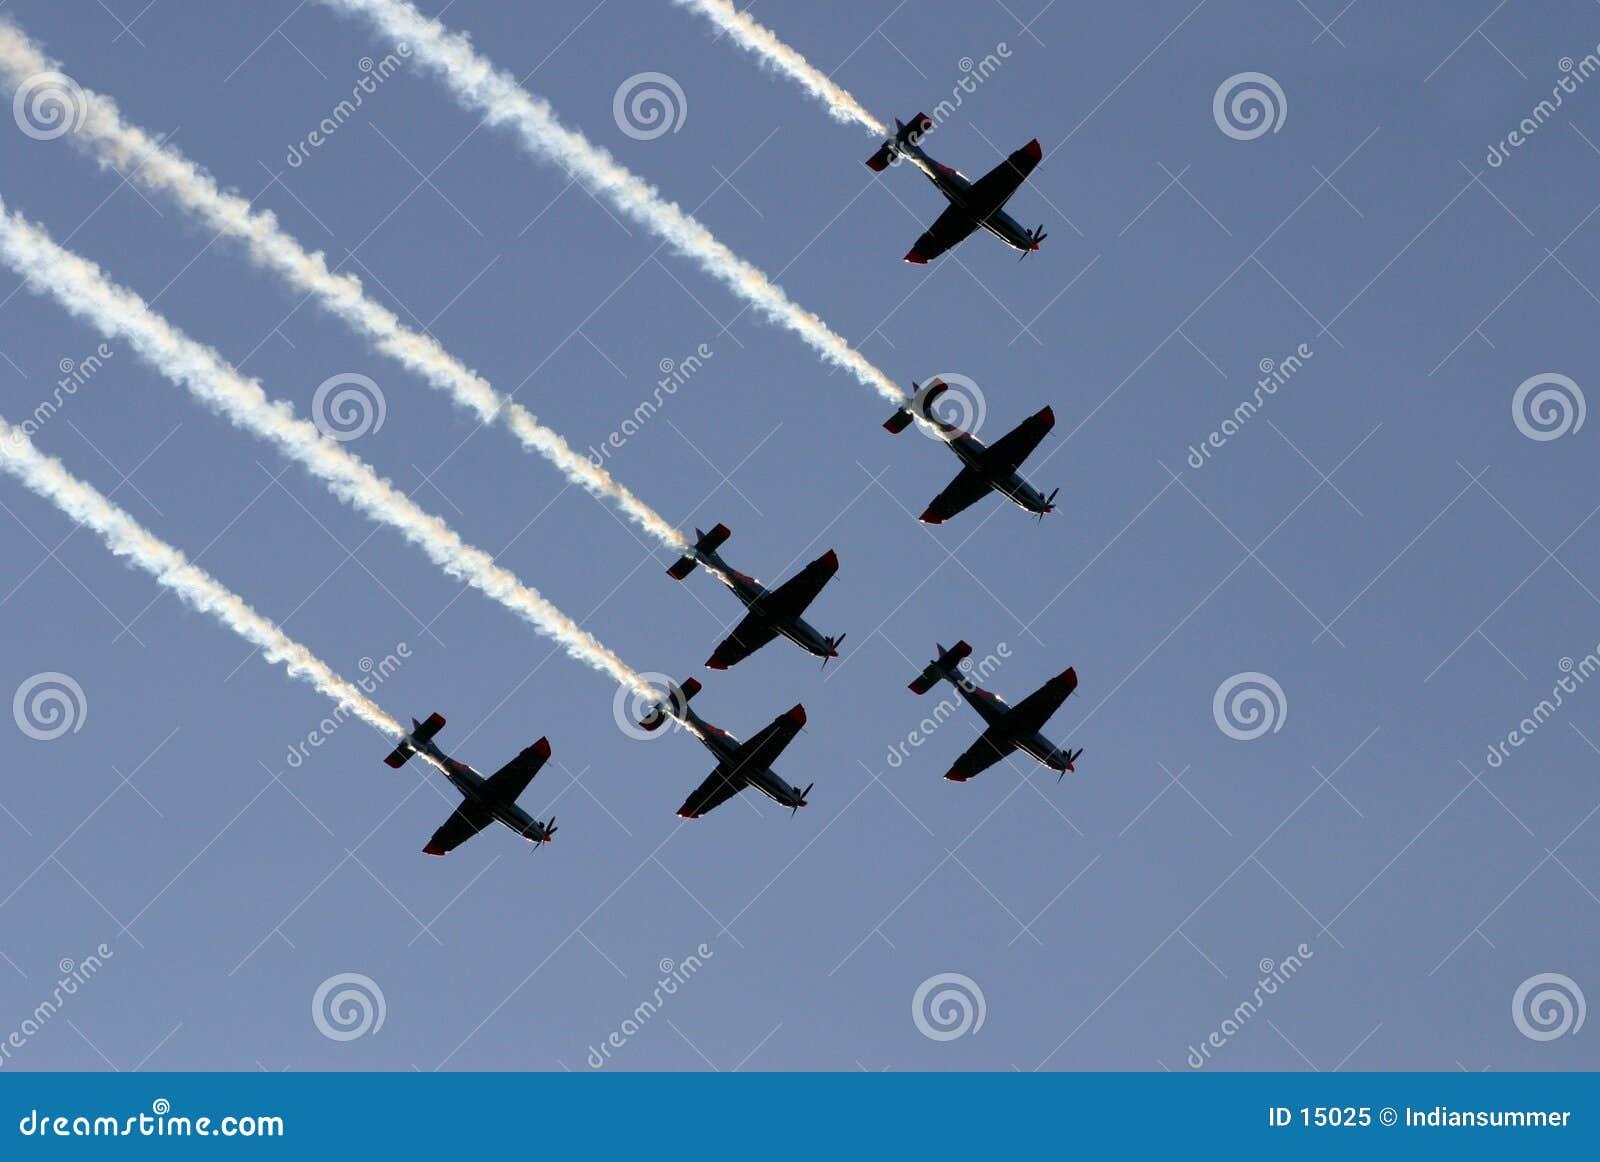 Drużyna synchronizująca lot iii